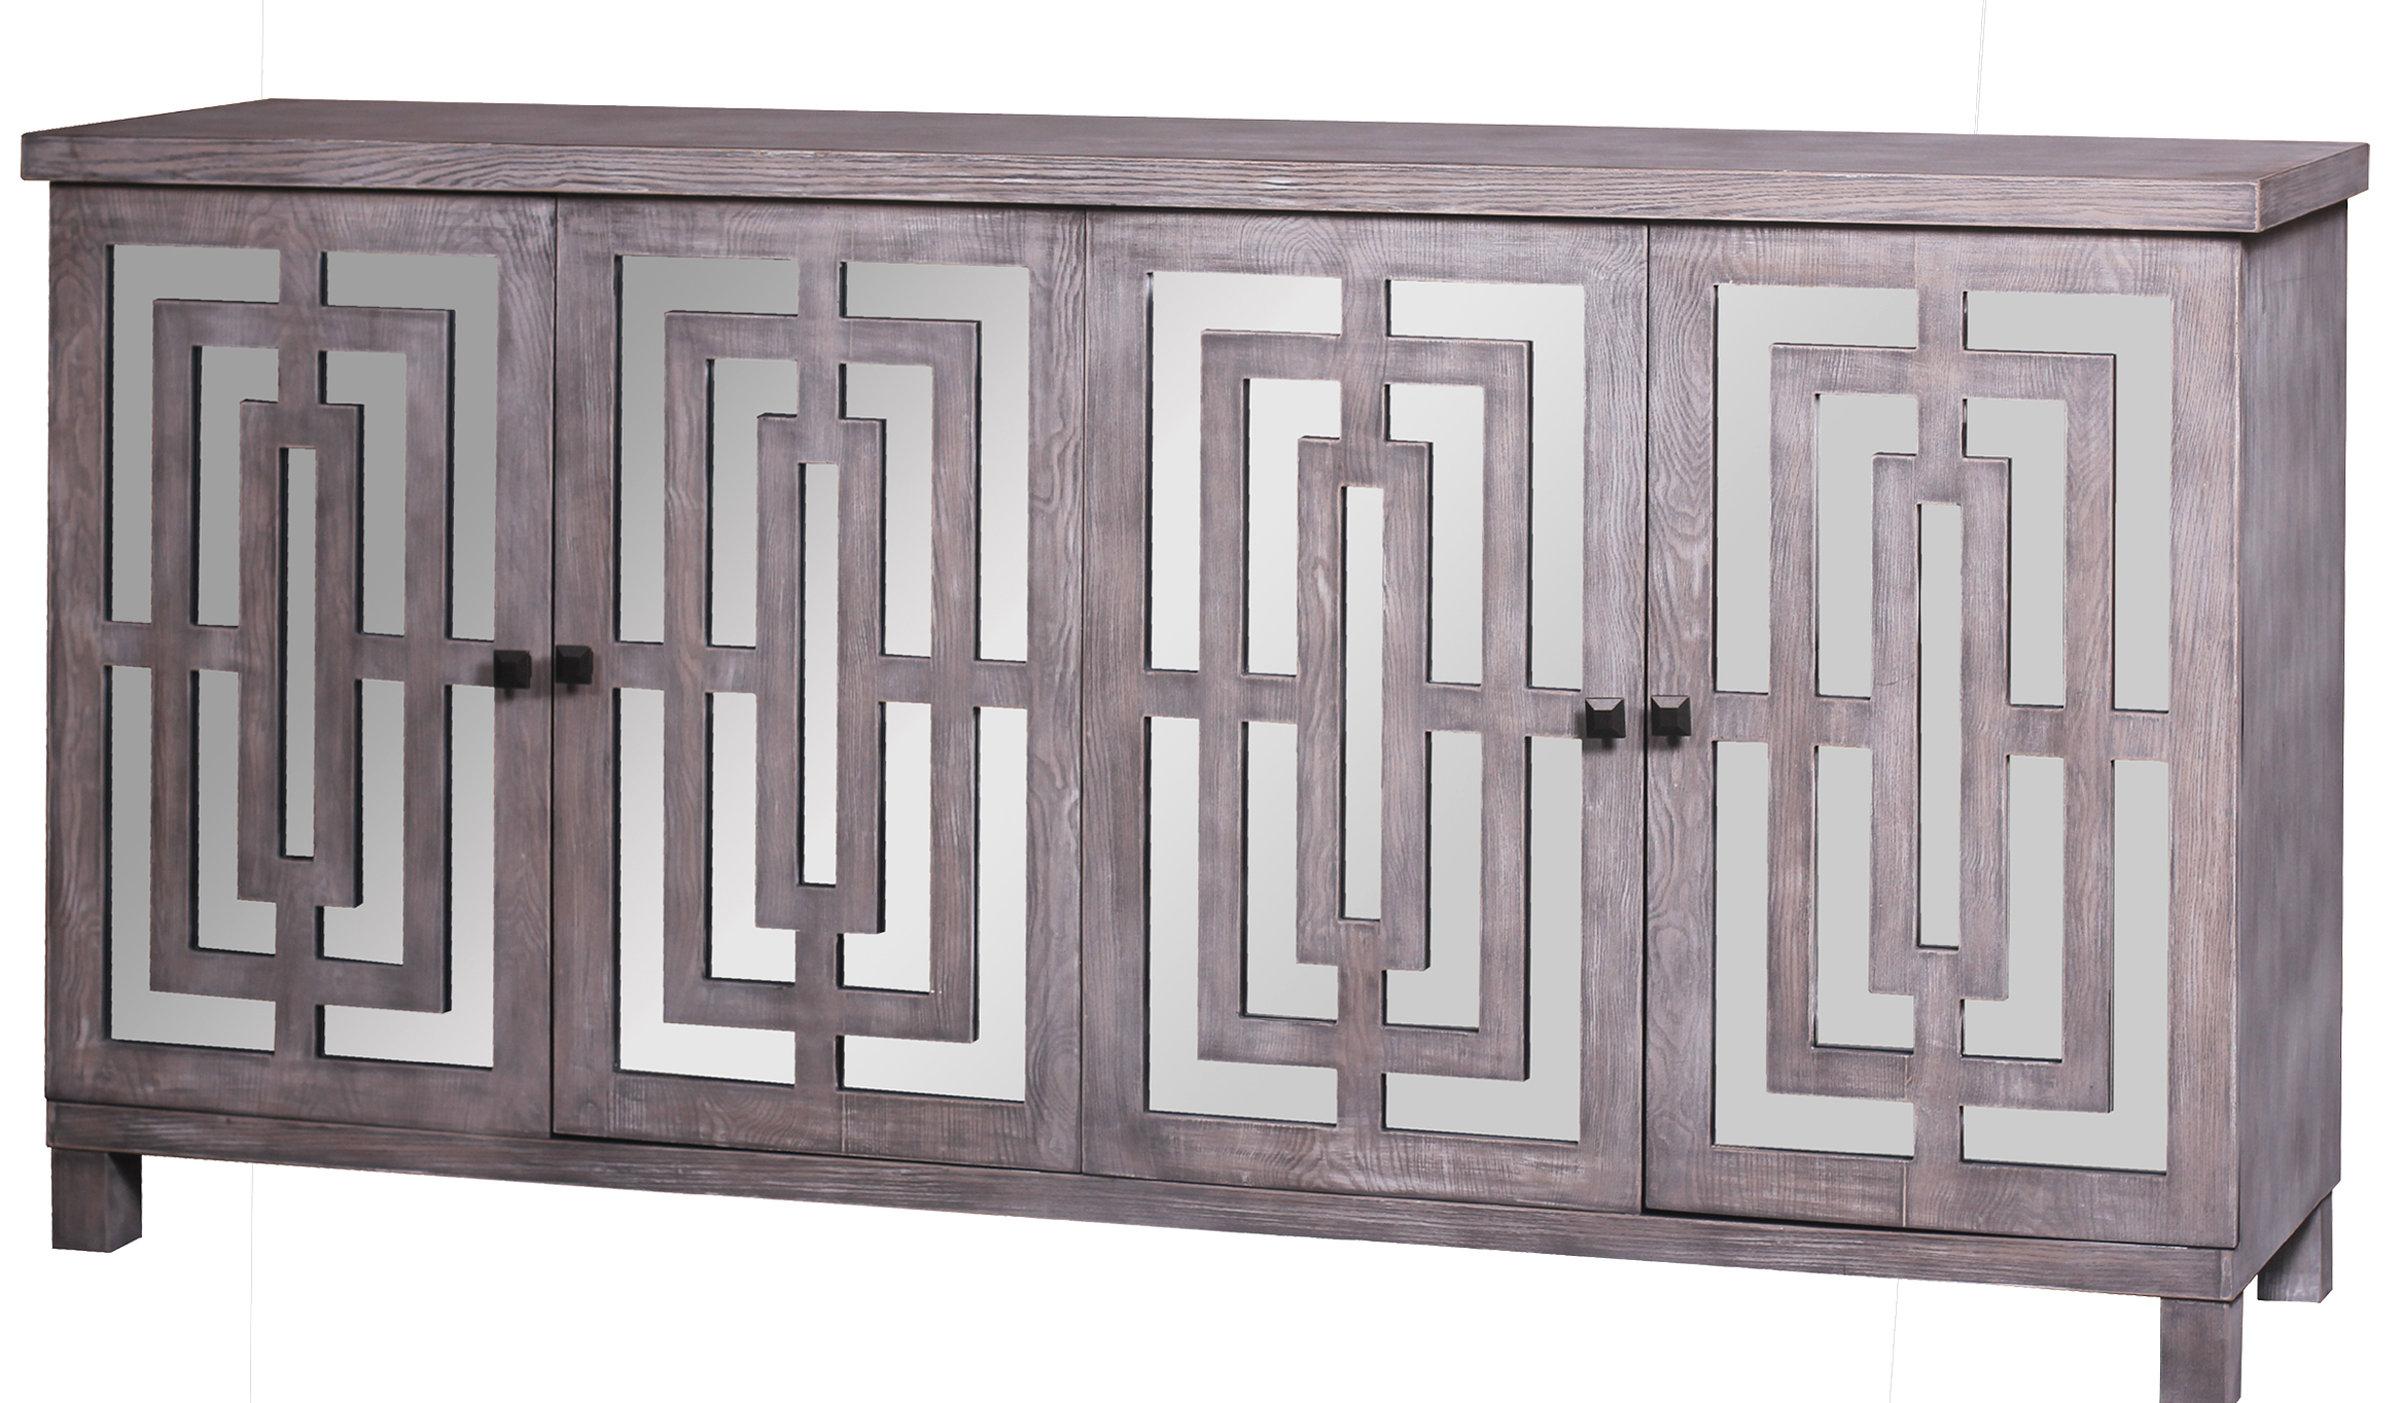 Inspiration about Modern & Contemporary Kieth 4 Door Credenza | Allmodern Regarding Recent Kieth 4 Door Credenzas (#4 of 20)